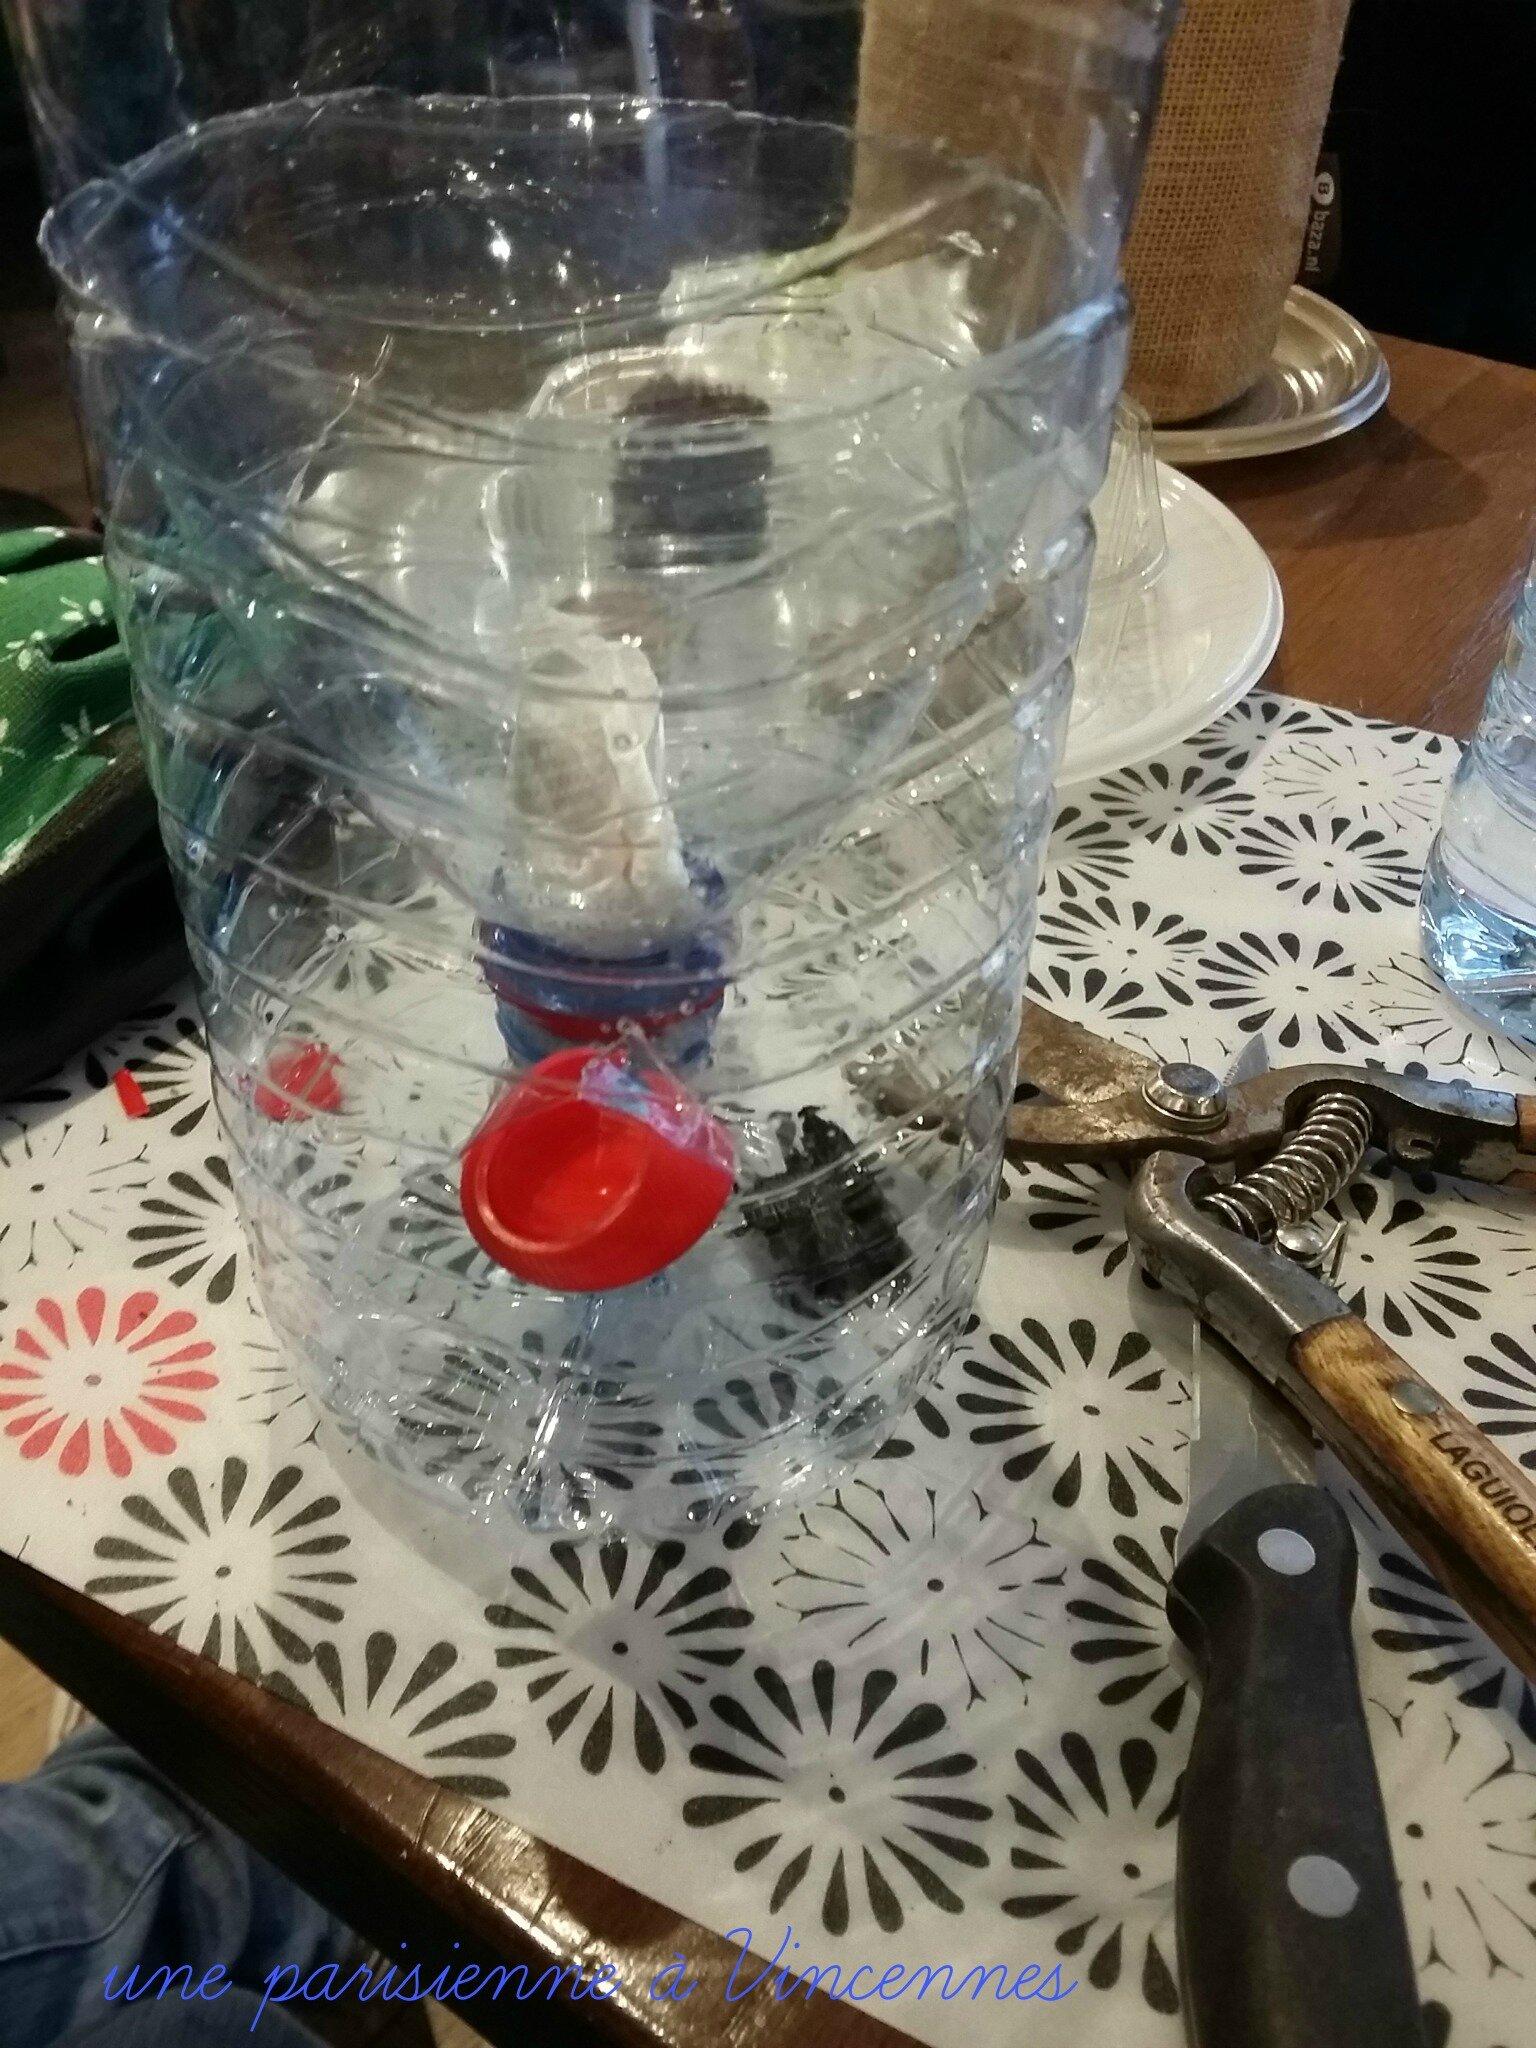 faire pousser des l gumes et aromates dans une bouteille en plastique diy une parisienne. Black Bedroom Furniture Sets. Home Design Ideas